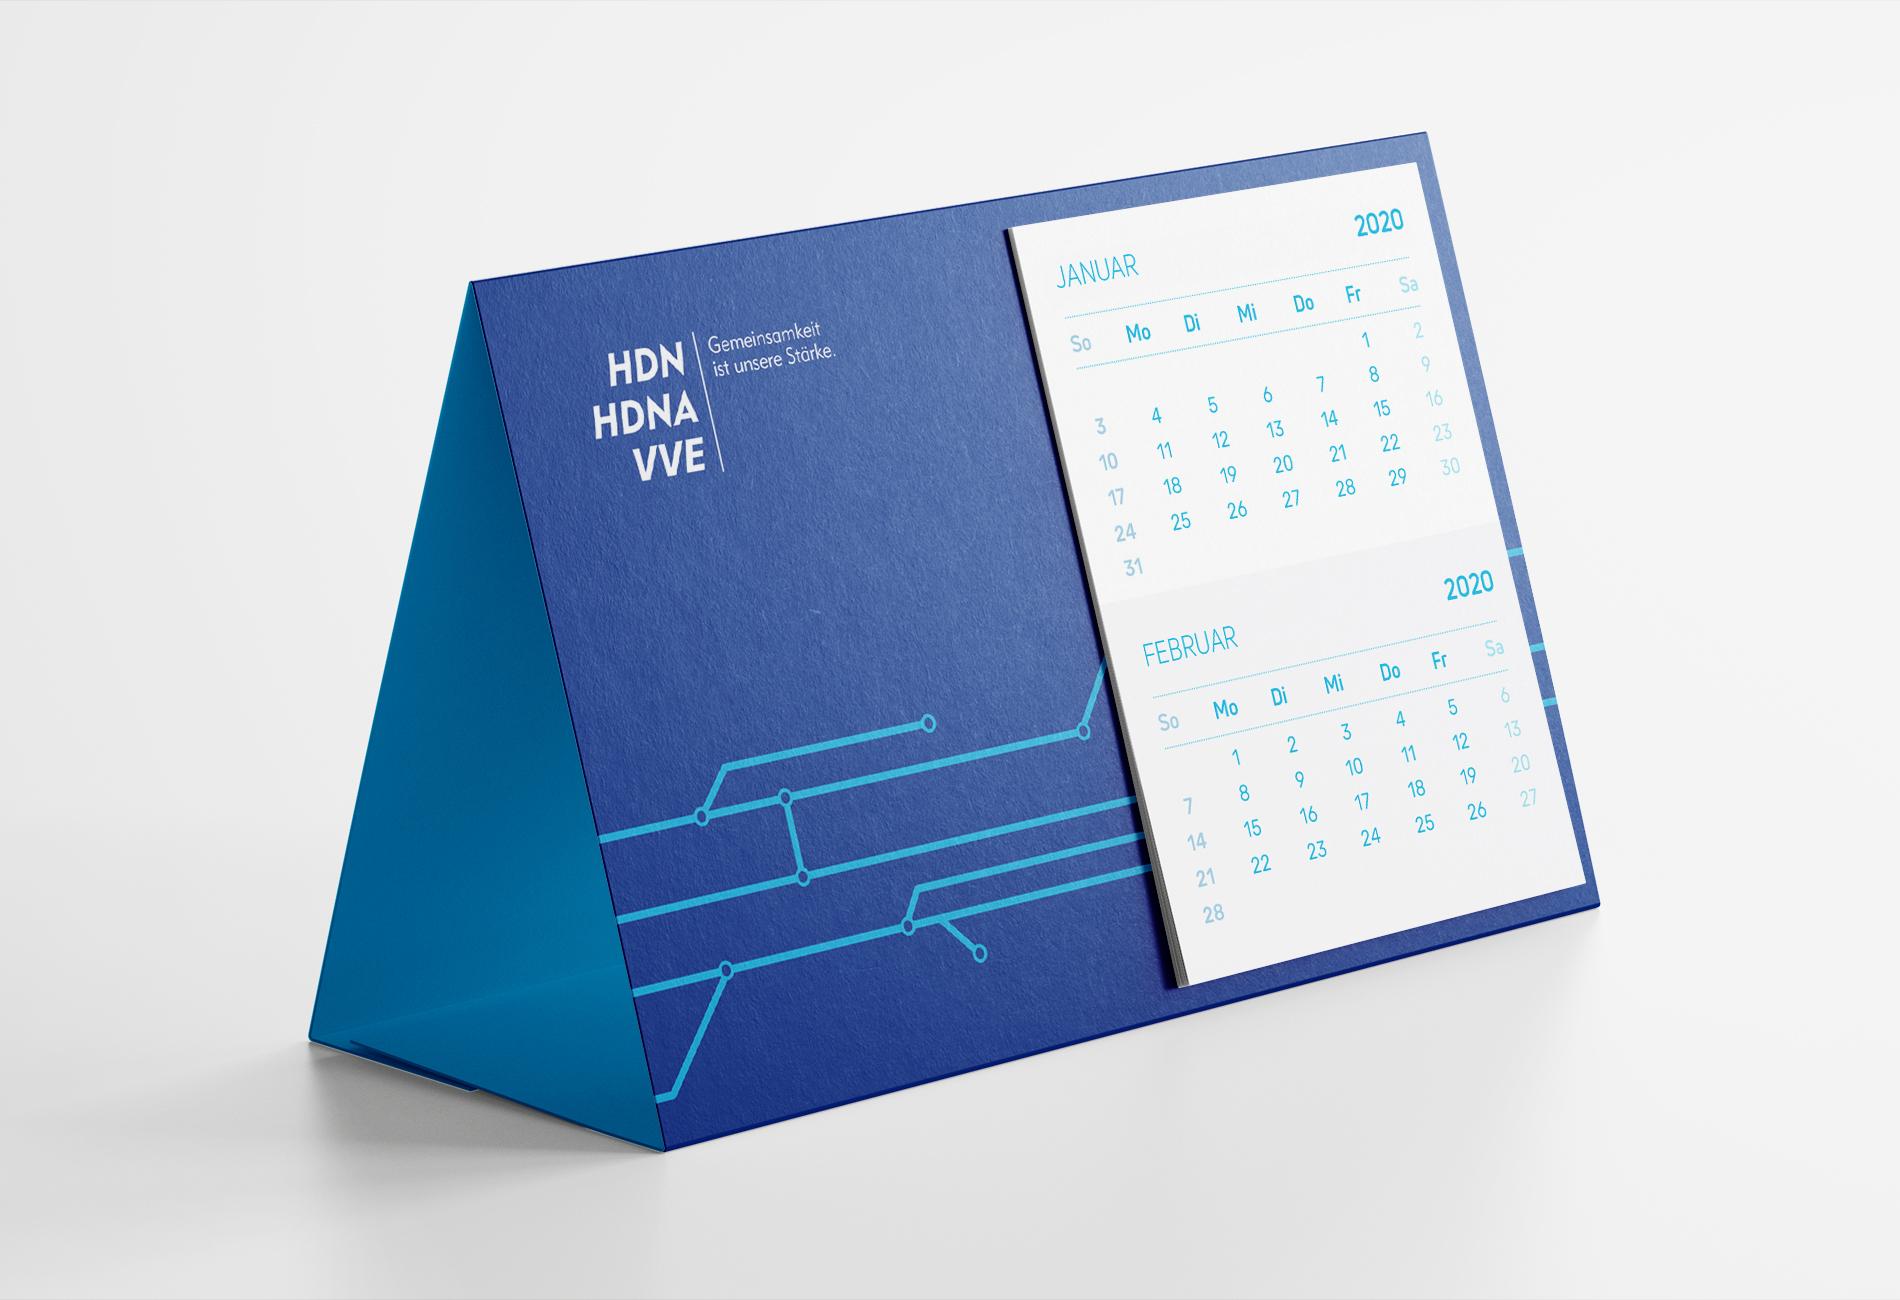 HDN/HDNA/VVE Versicherungen Bochum Tischkalender als Werbemittel